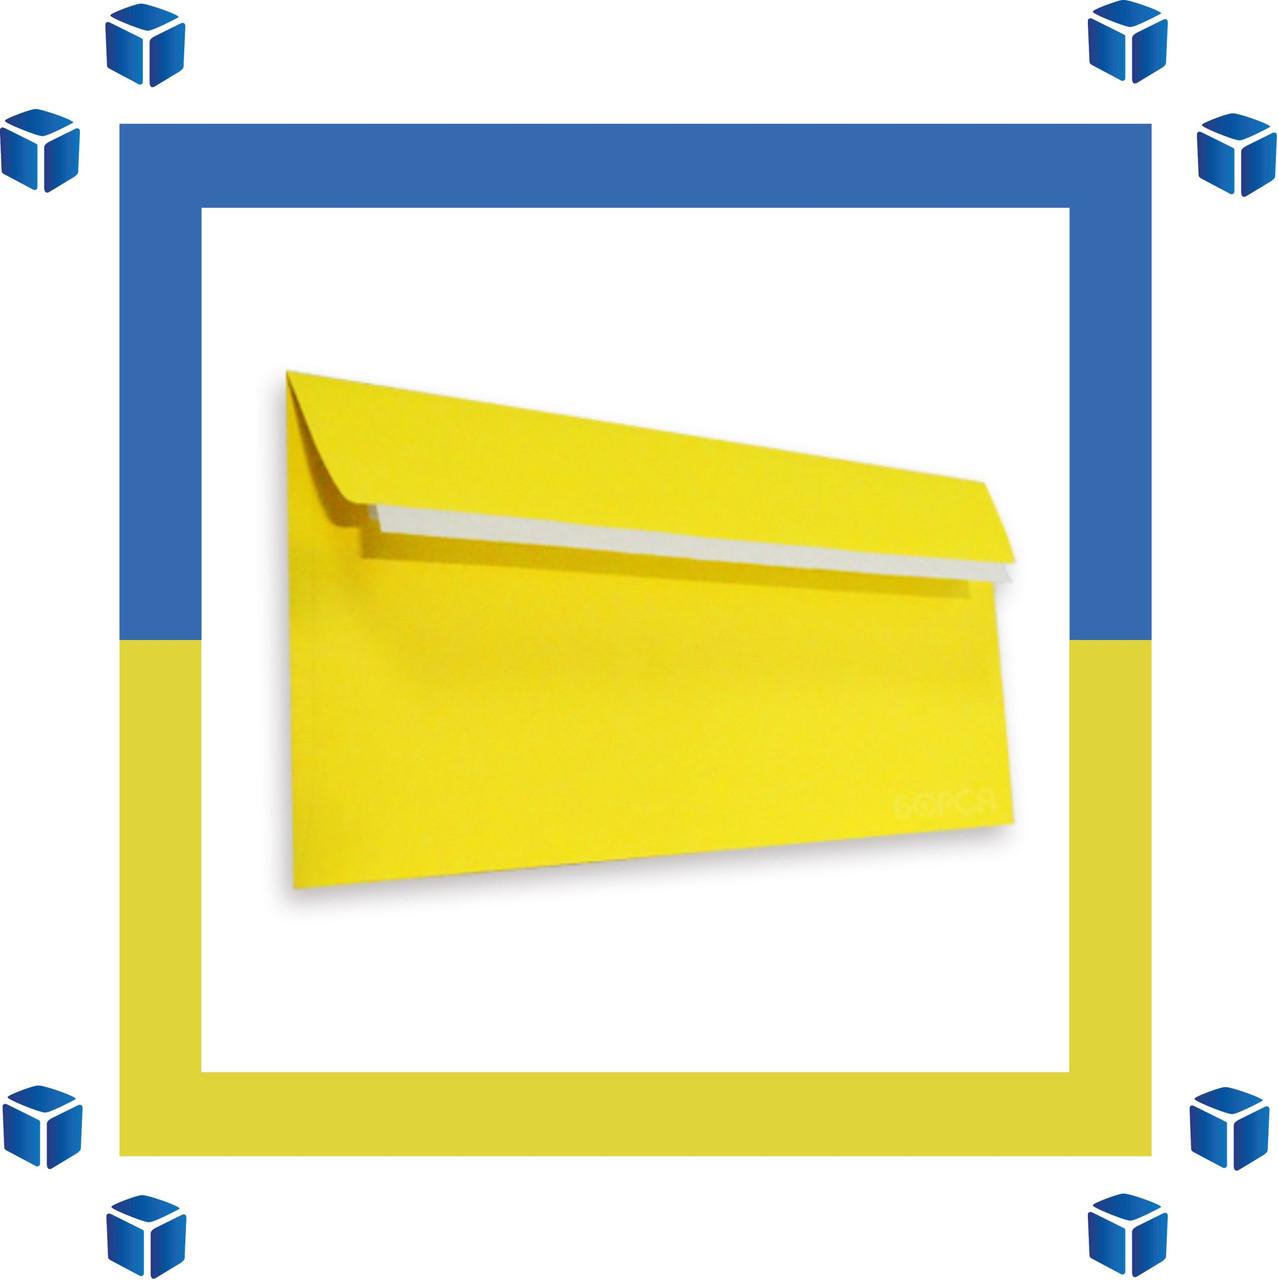 Конверт Е65 (DL) (110х220) скл, желтый (0+0)